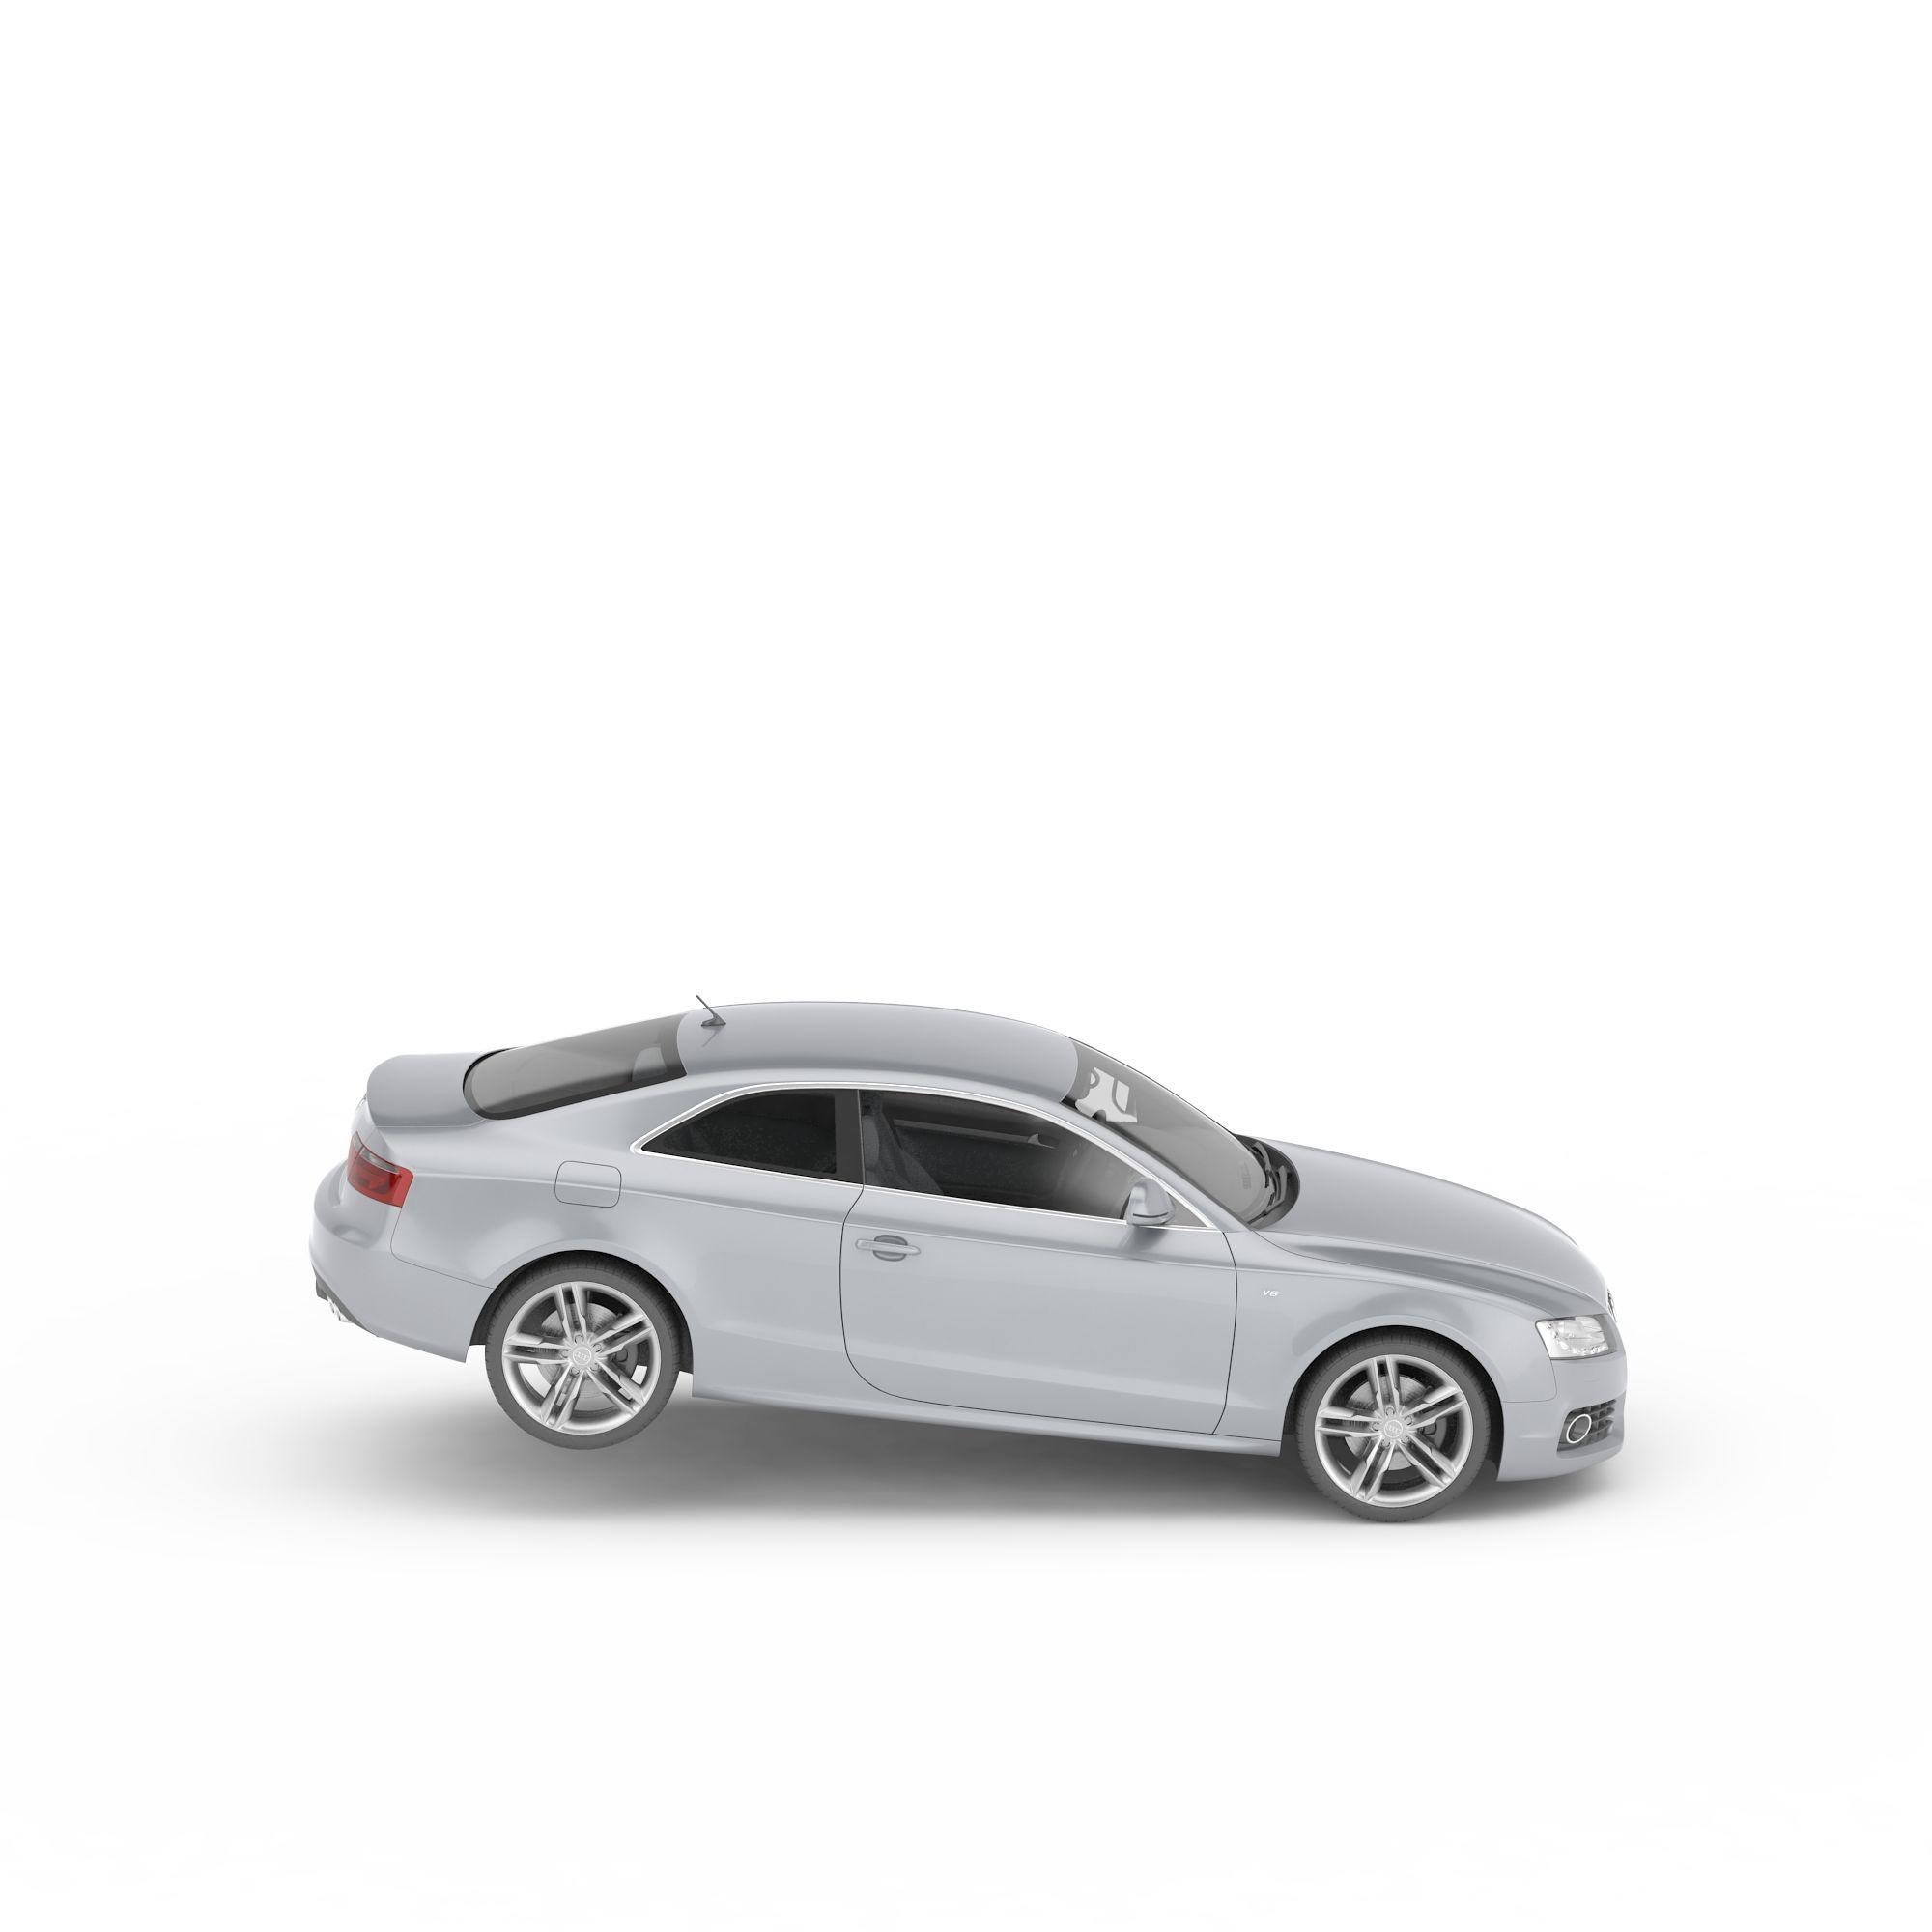 银灰色汽车图片_银灰色汽车png图片素材_银灰色汽车图